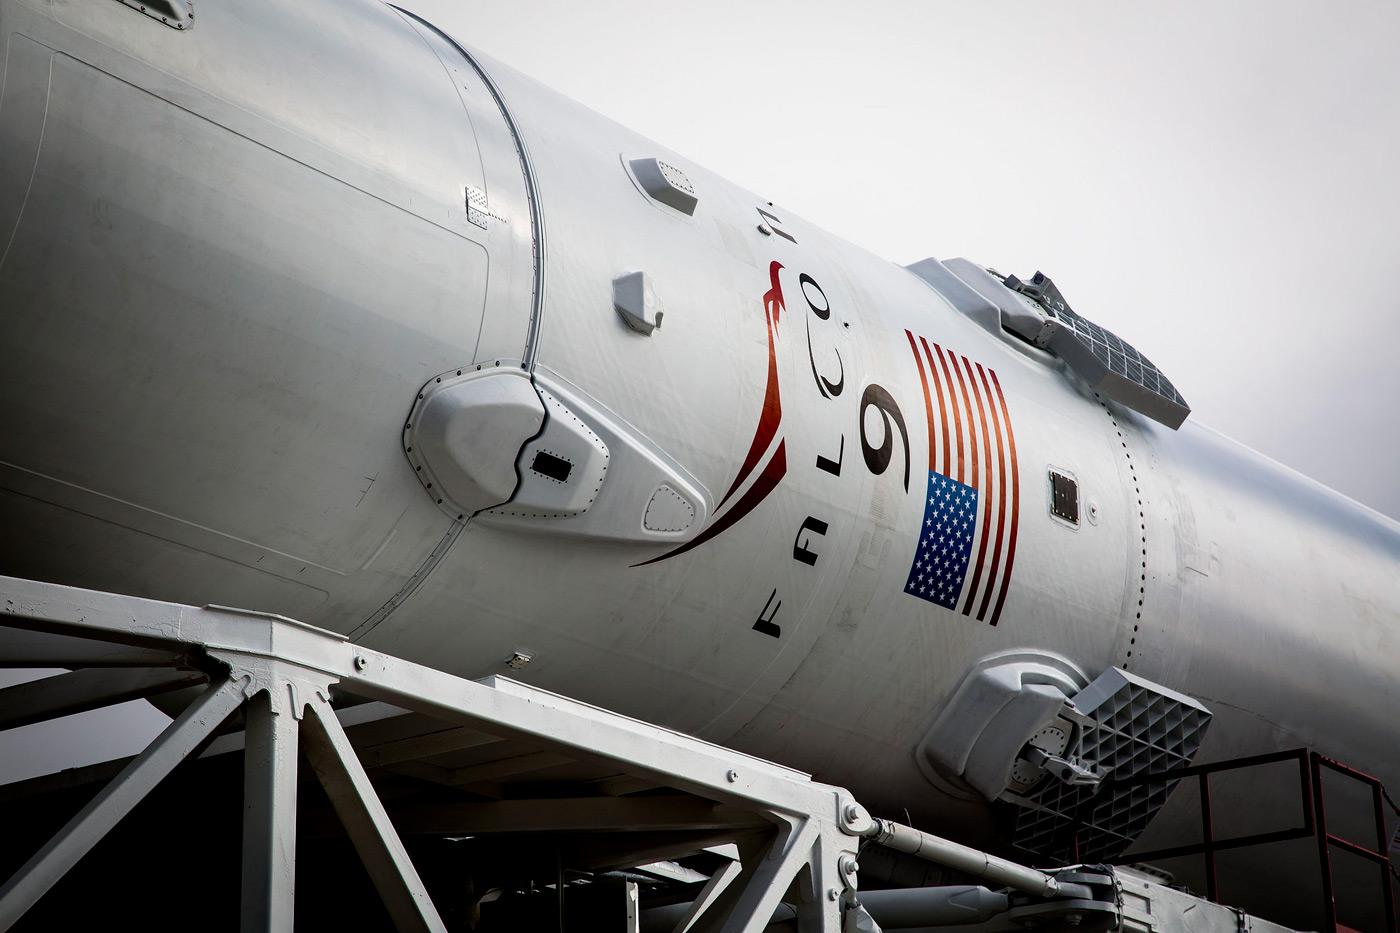 SpaceX снова пробует посадить первую ступень Falcon 9 на морскую платформу [Запуск успешен, посадка нет] - 1